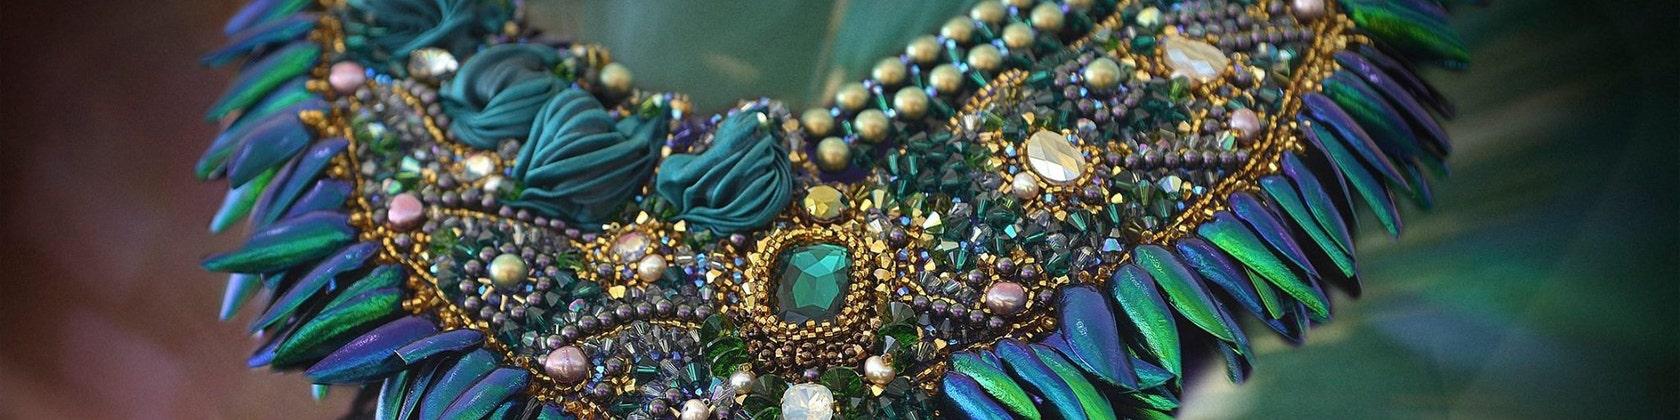 282c64dc2 Haute fantaisie handmade jewelry made in French by beadsofaquarius